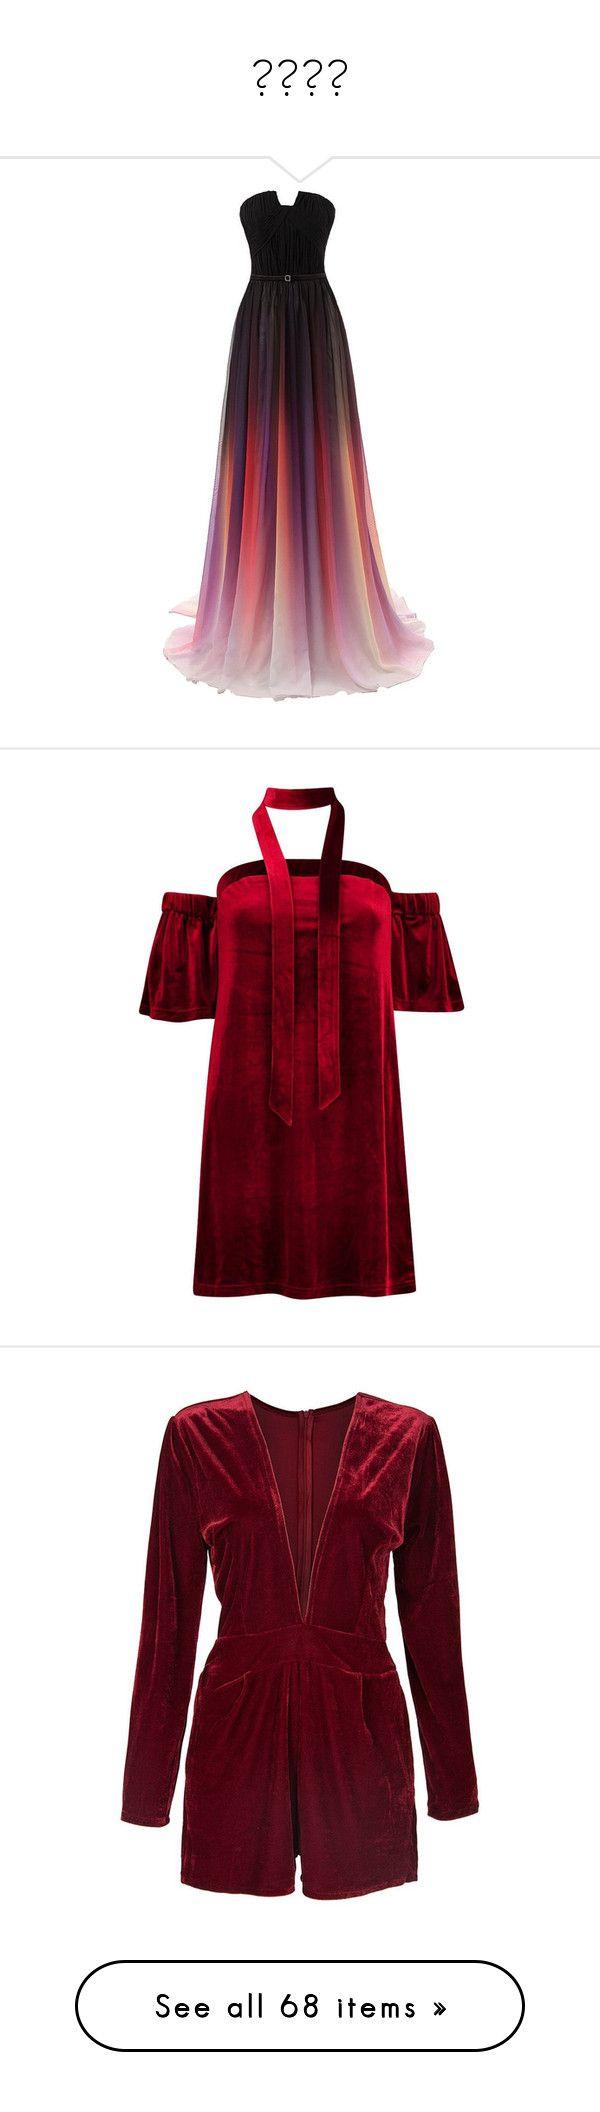 """""""蝶々結び"""" by serin123 ❤ liked on Polyvore featuring dresses, gowns, purple prom dresses, formal dresses, party gowns, formal evening dresses, formal ball gowns, sequin cocktail dresses, red off the shoulder dress and bodycon dress"""